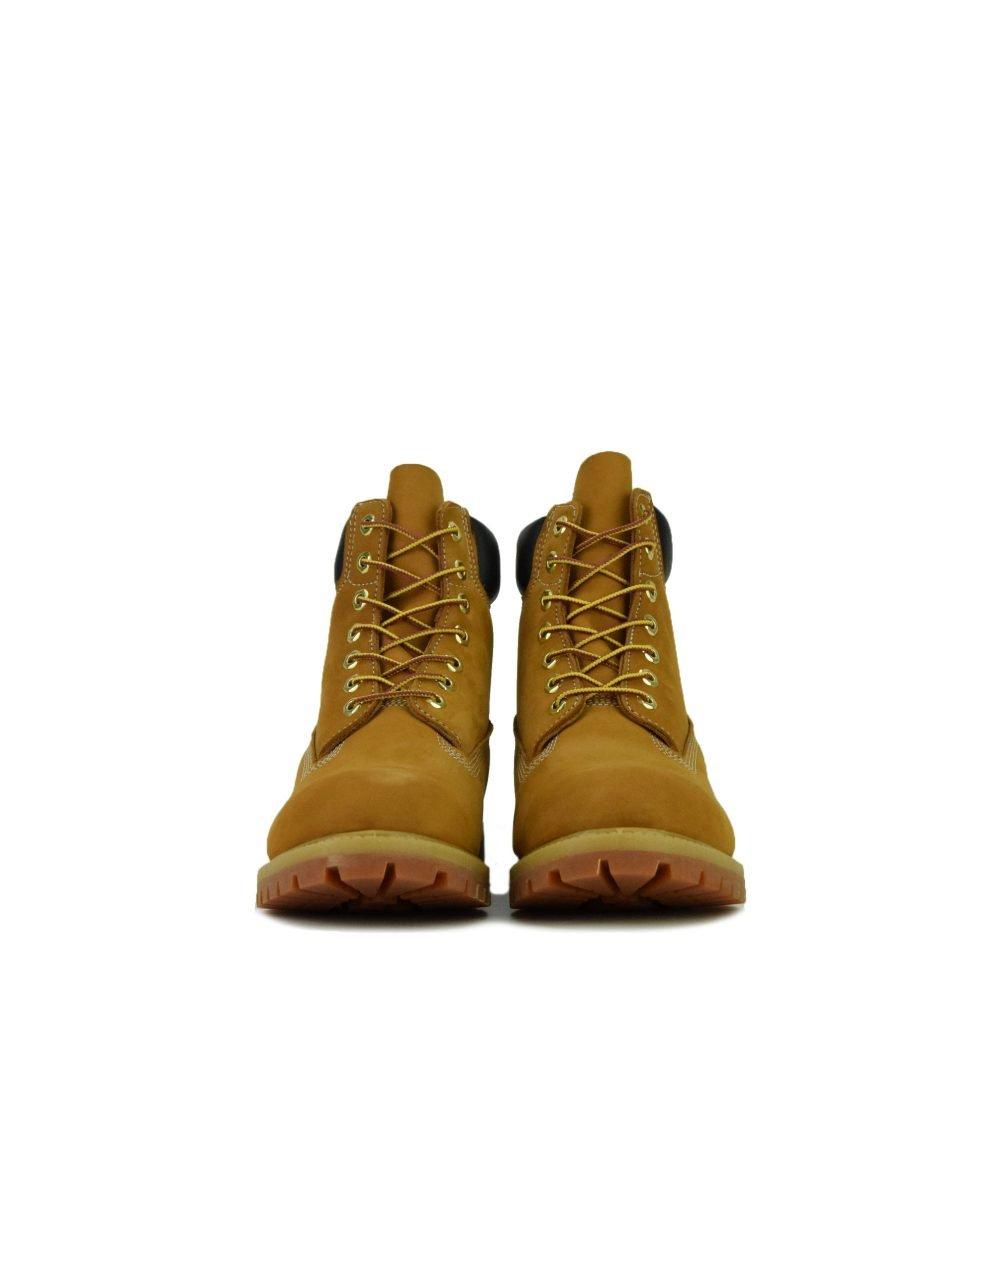 Timberland Premium 6 In waterproof Boot (TB010061 713) Classic Yellow